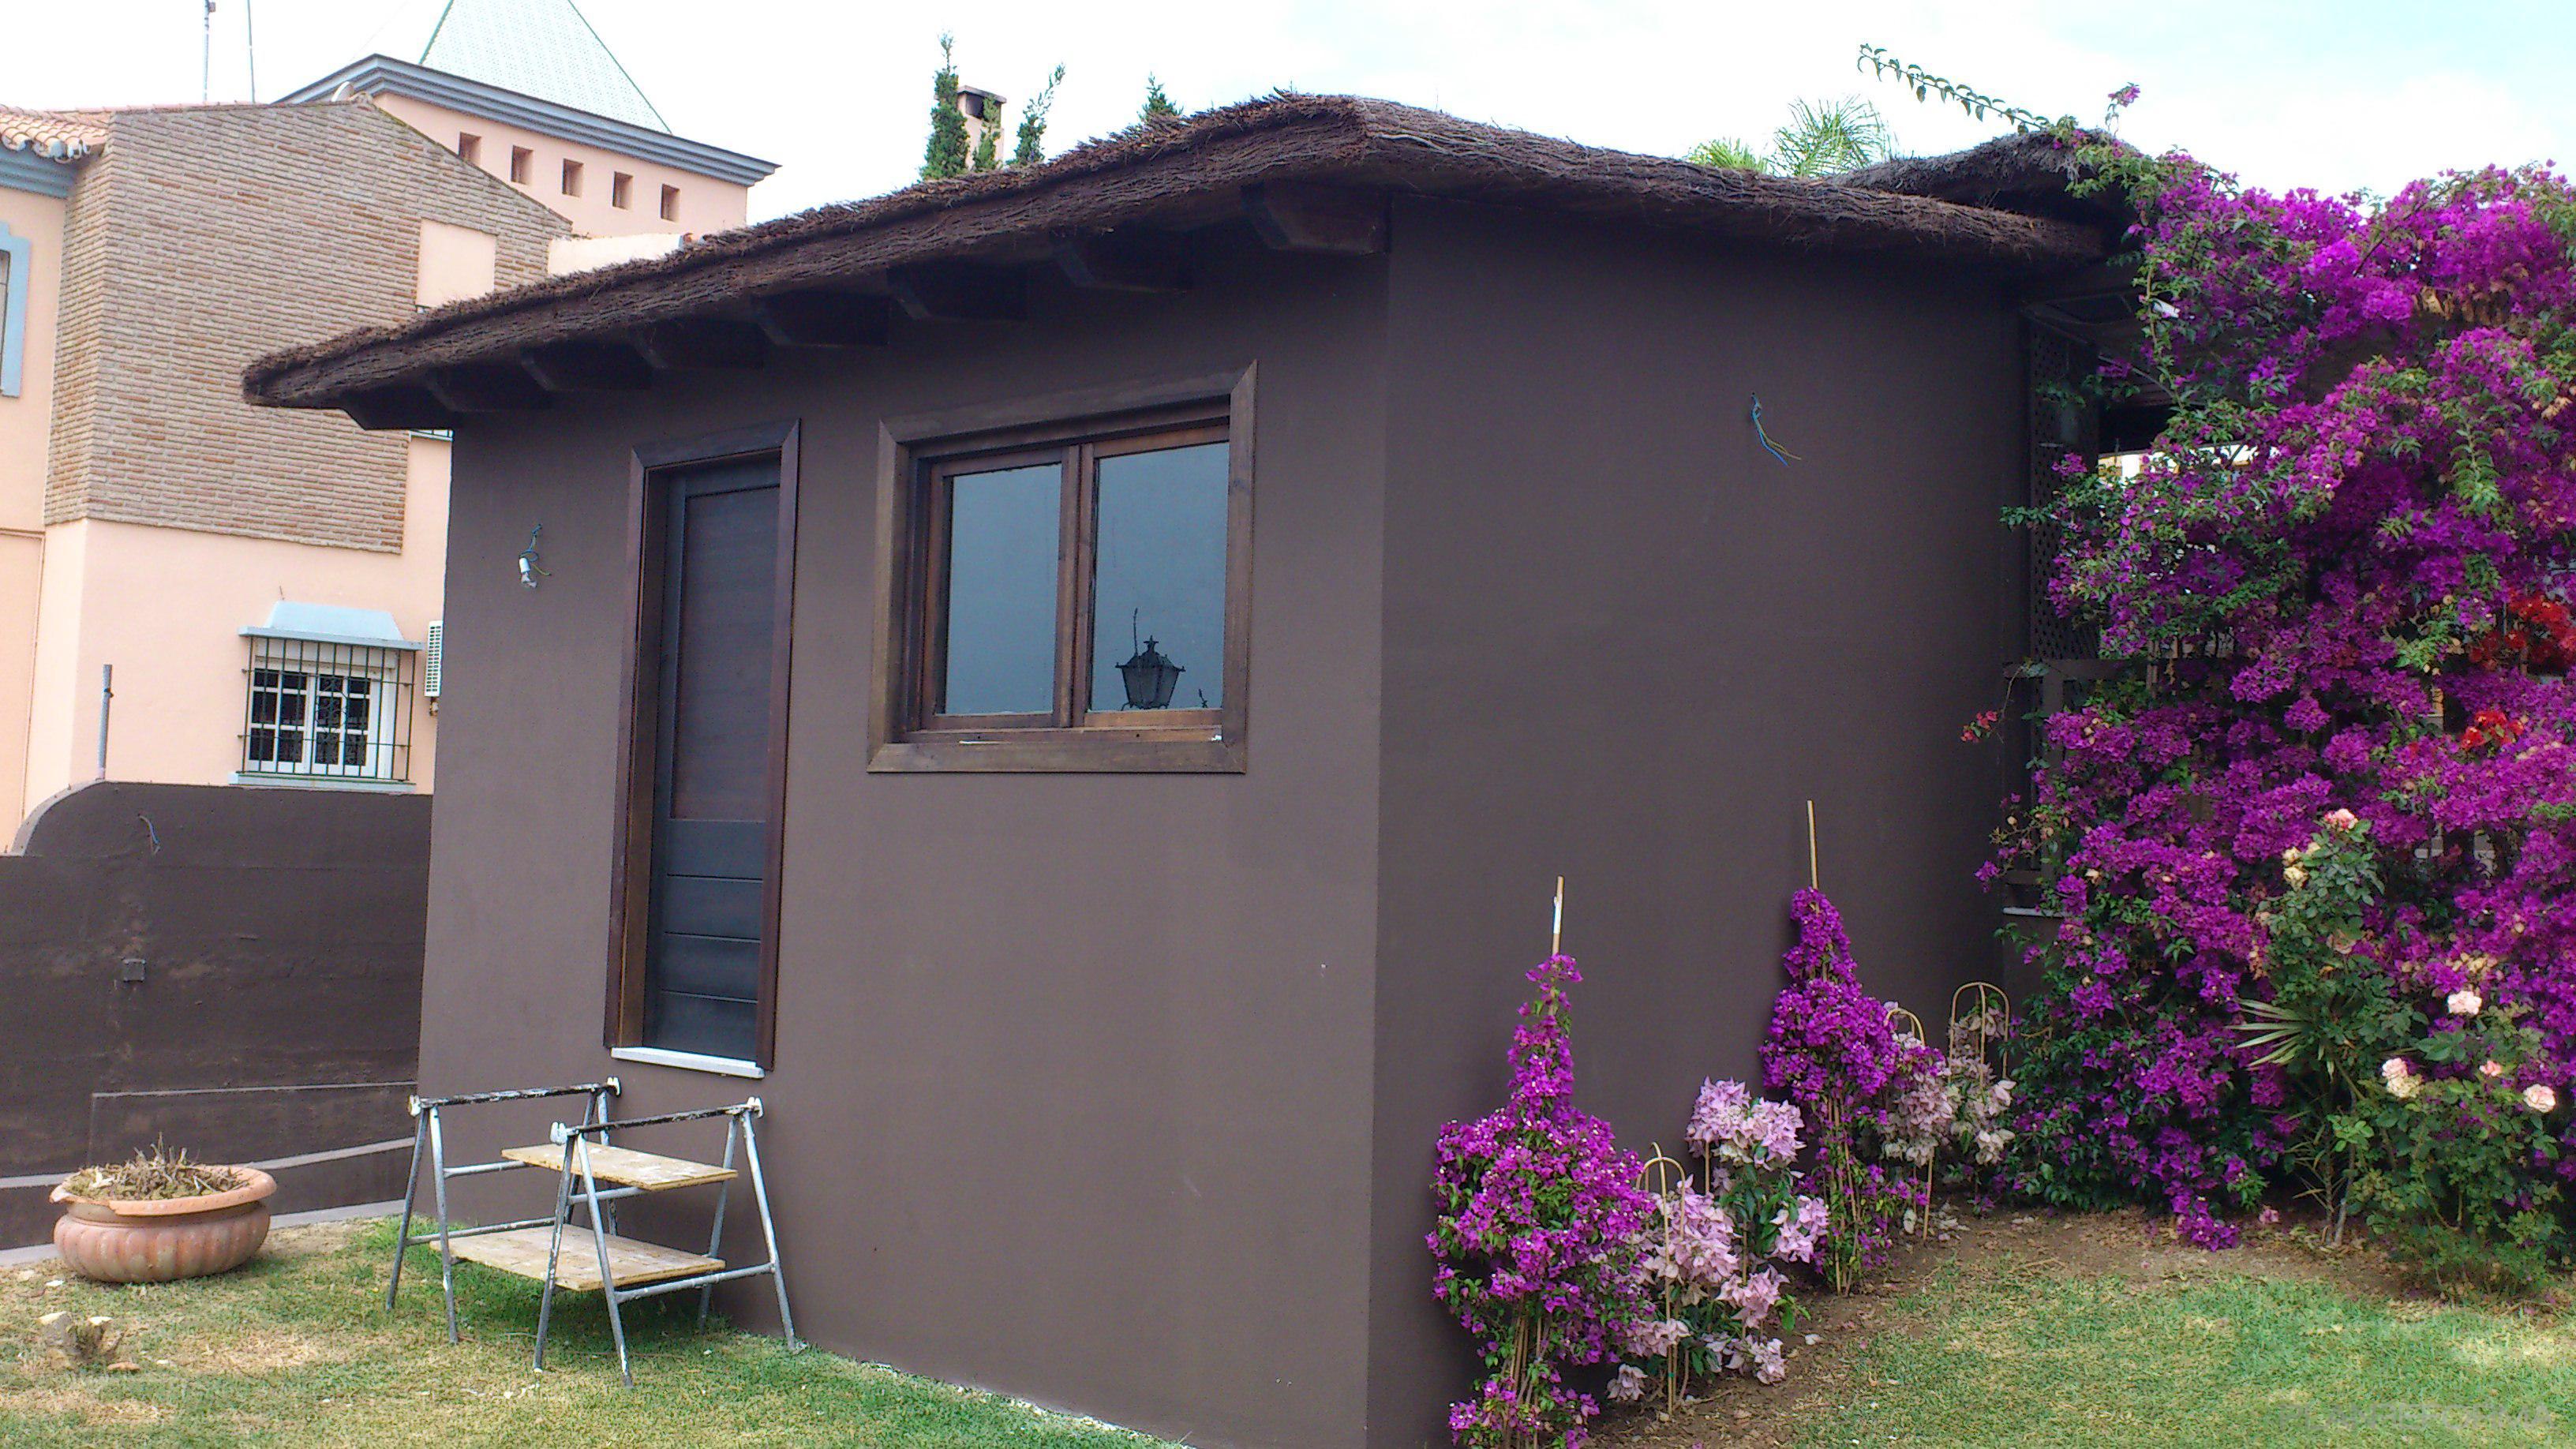 Recibidor exterior jardin style contemporaneo color marron for Decoracion exterior jardin contemporaneo